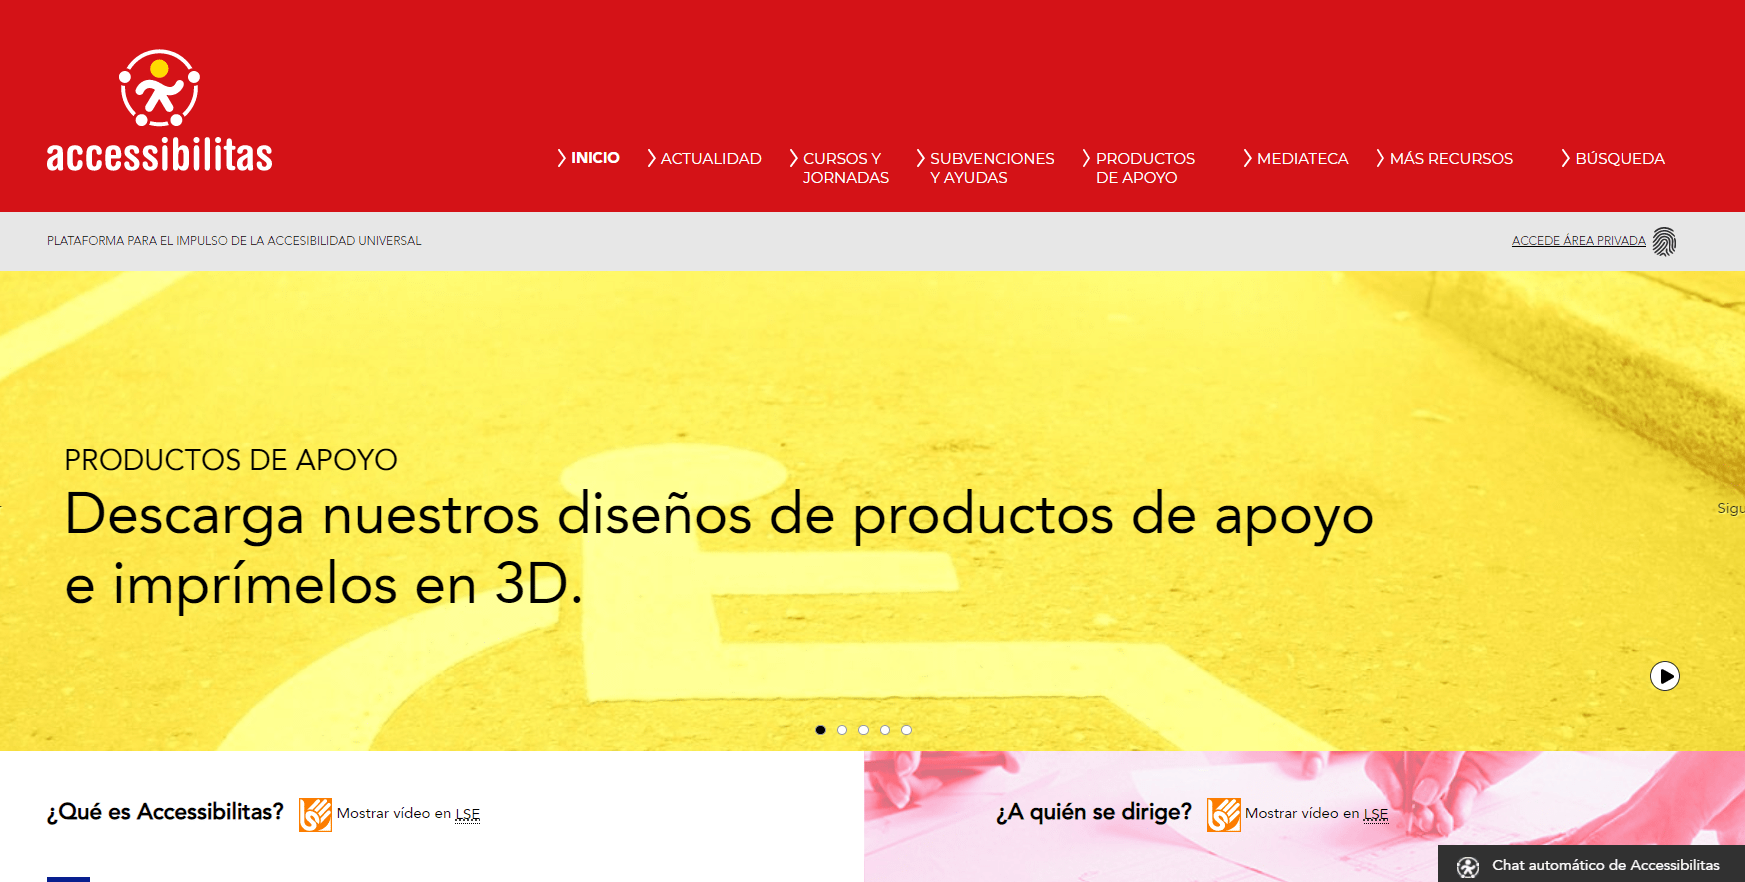 Ir a : Accessibilitas, una página web sobre accesibilidad con leyes, normas y formación